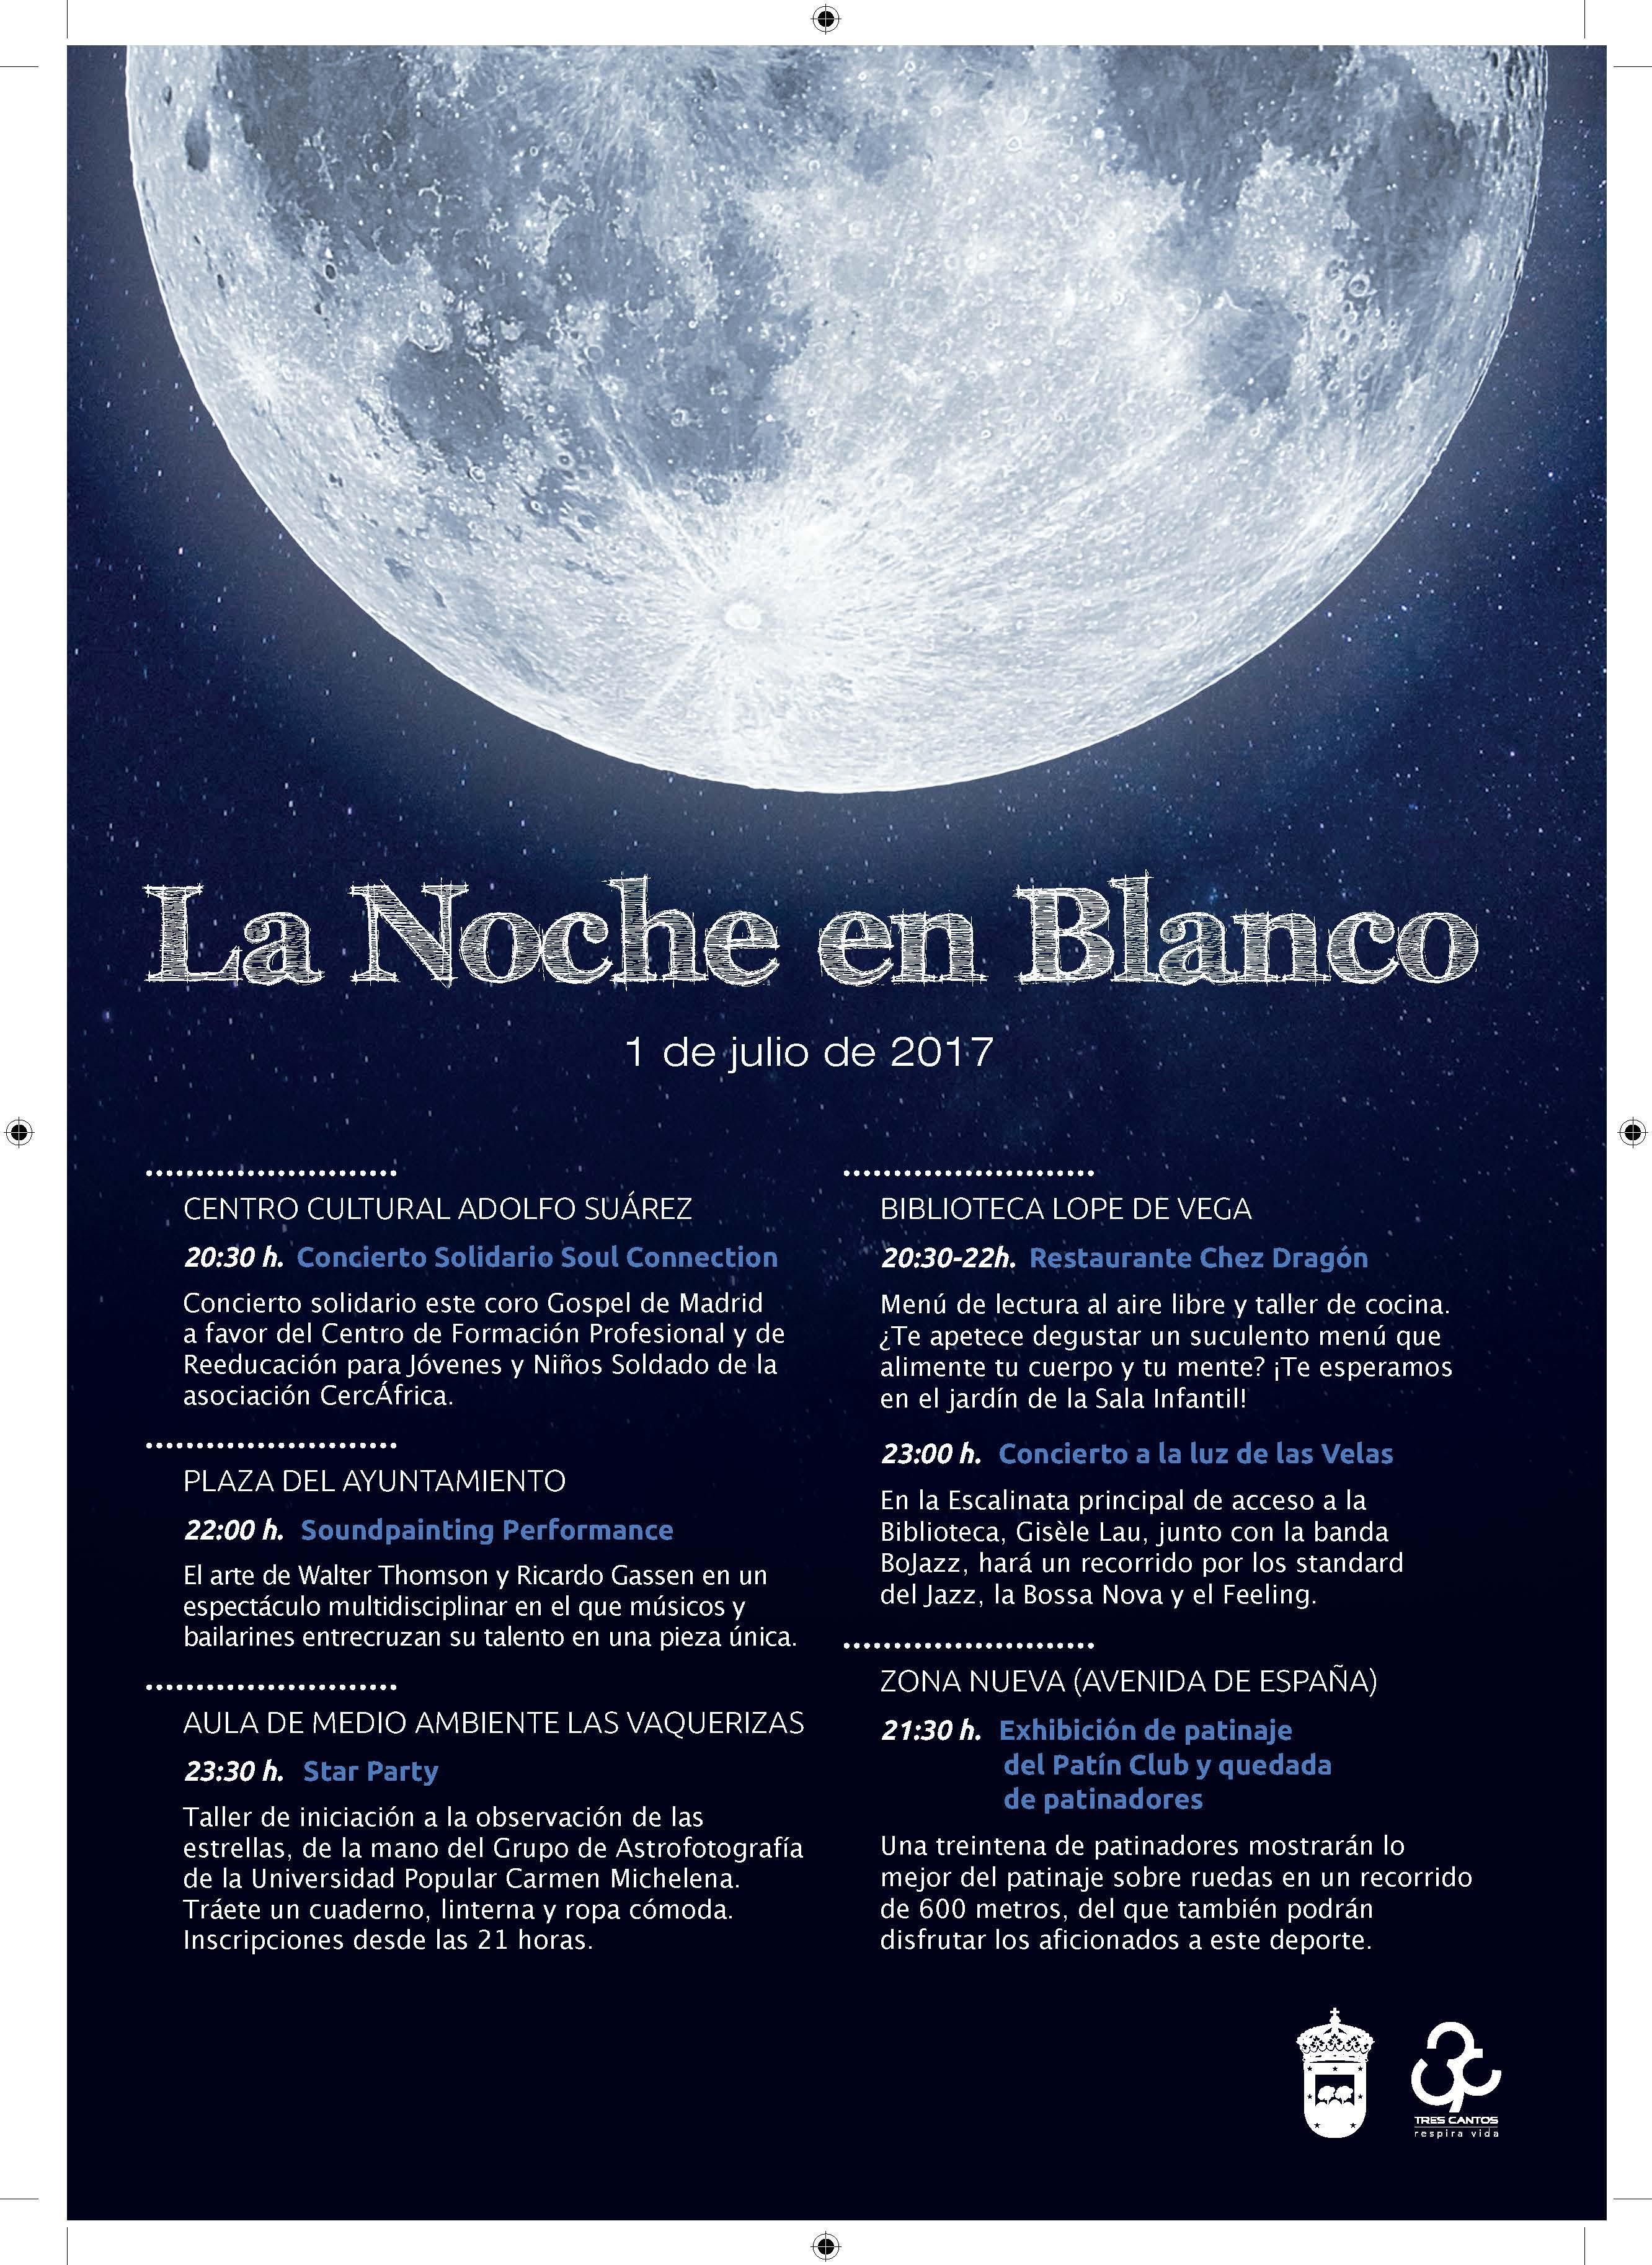 Cartel Noche en Blanco 2017